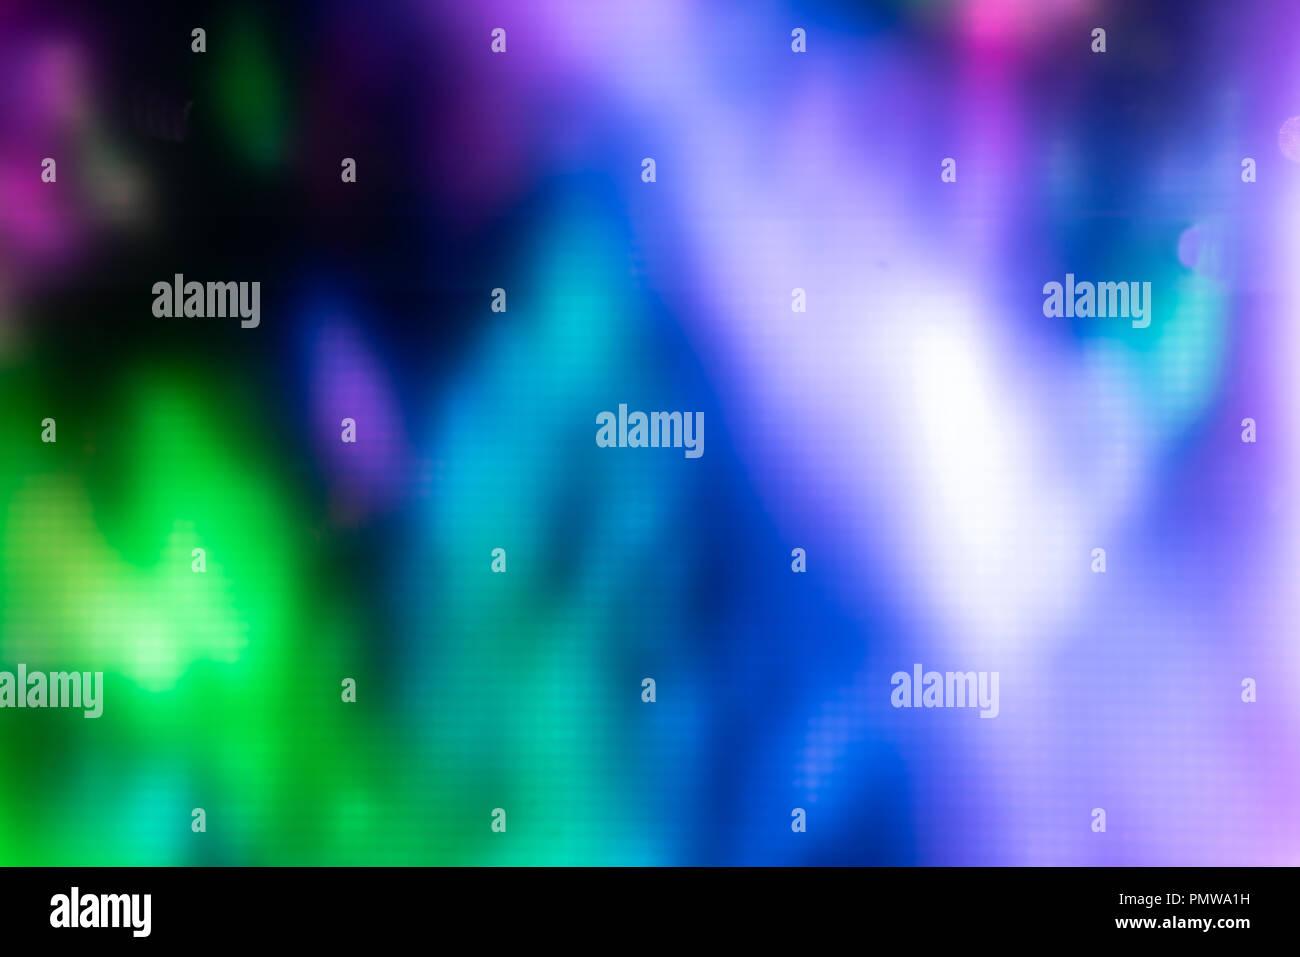 Abstrakte Wirkung der hellen Farbe Muster Hintergründe Bild zusammenführen Stockbild